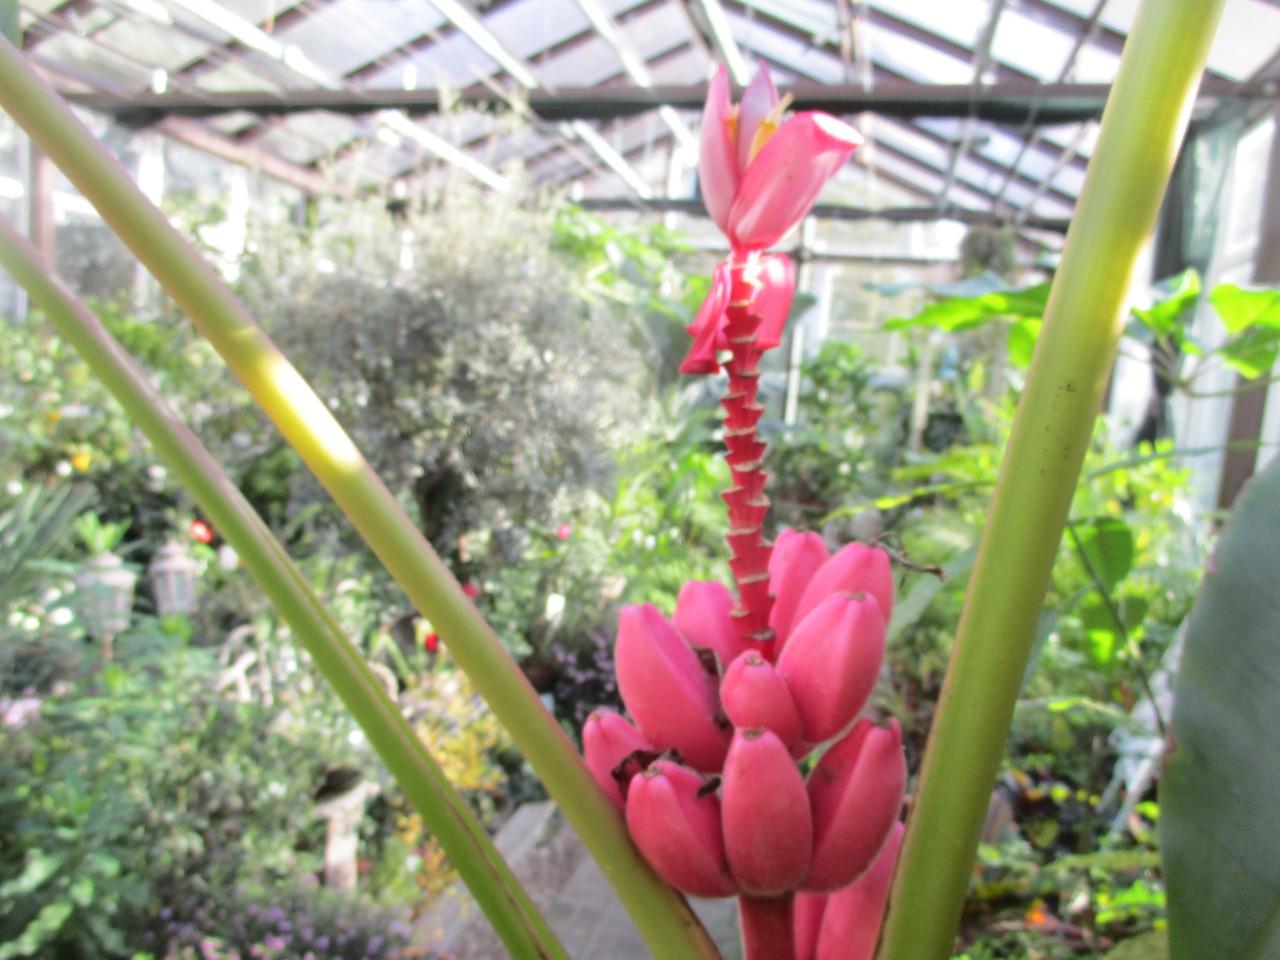 В тренде: в Ботаническом саду ТвГУ поспевают «гламурные» розовые бананы